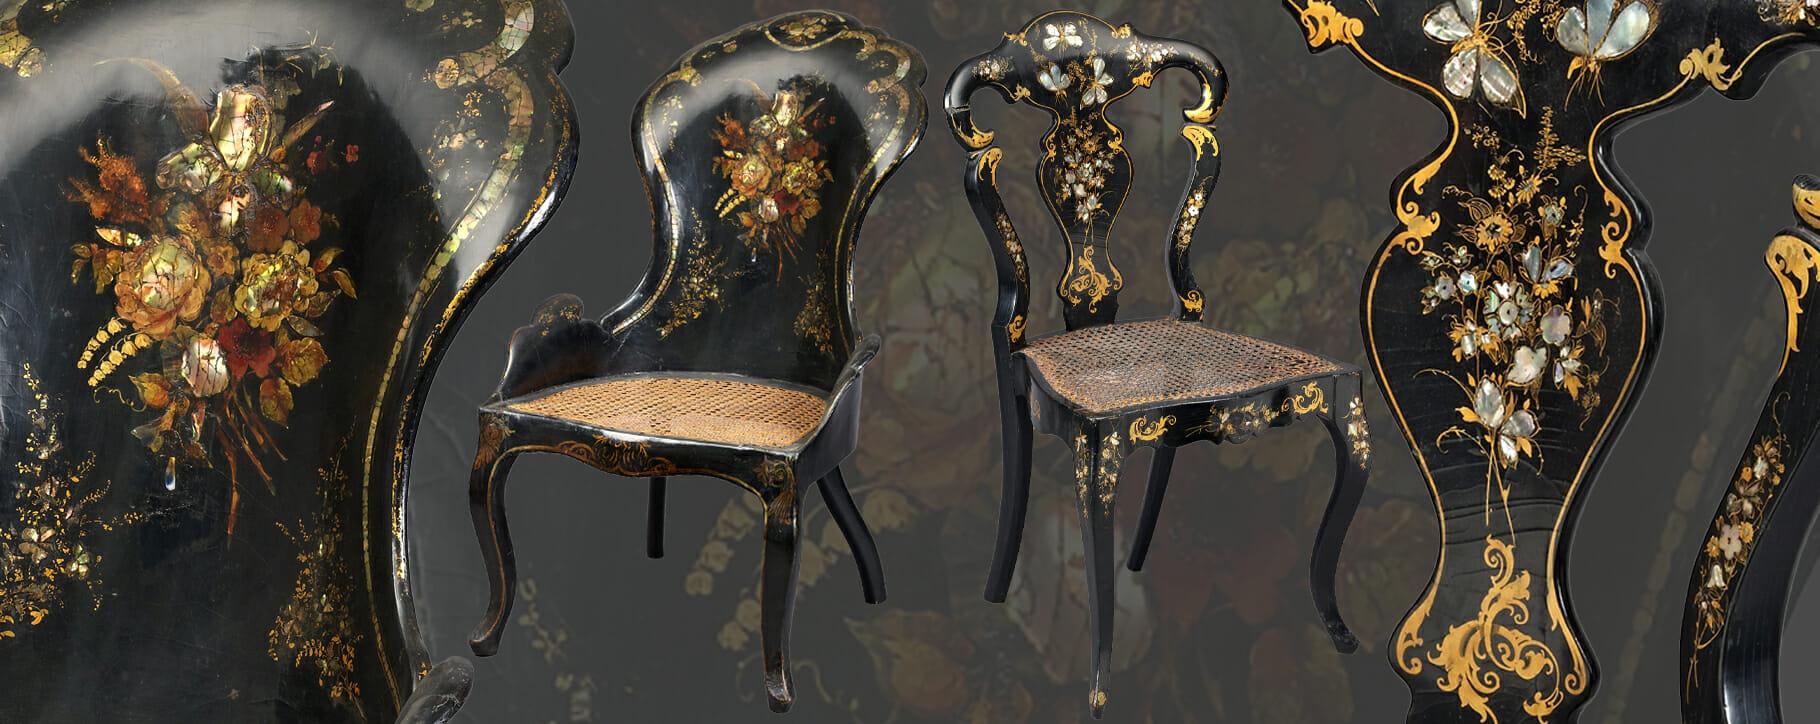 Papier Mache Antique Chairs